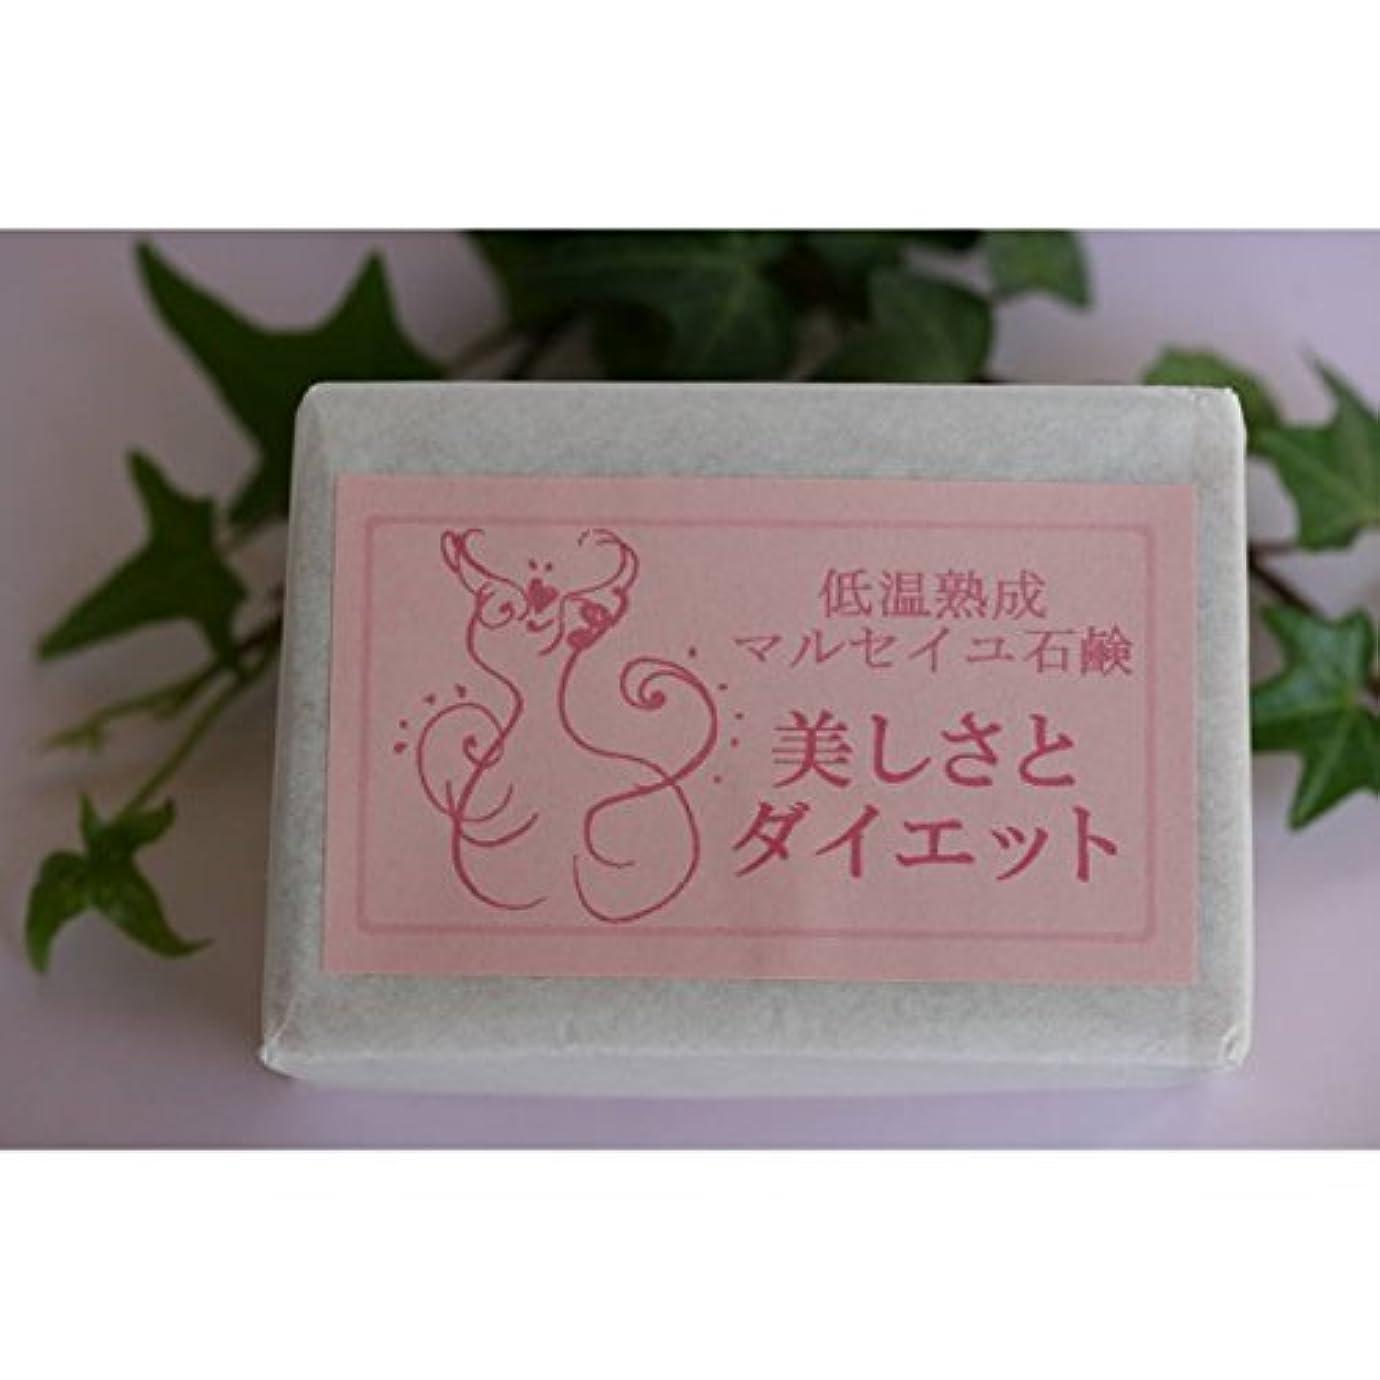 専門屈辱するビルマウントフジ フラワーエッセンス 低温熟成 マルセイユ石鹸 美しさとダイエット (MTFUJI FLOWER ESSENCES)